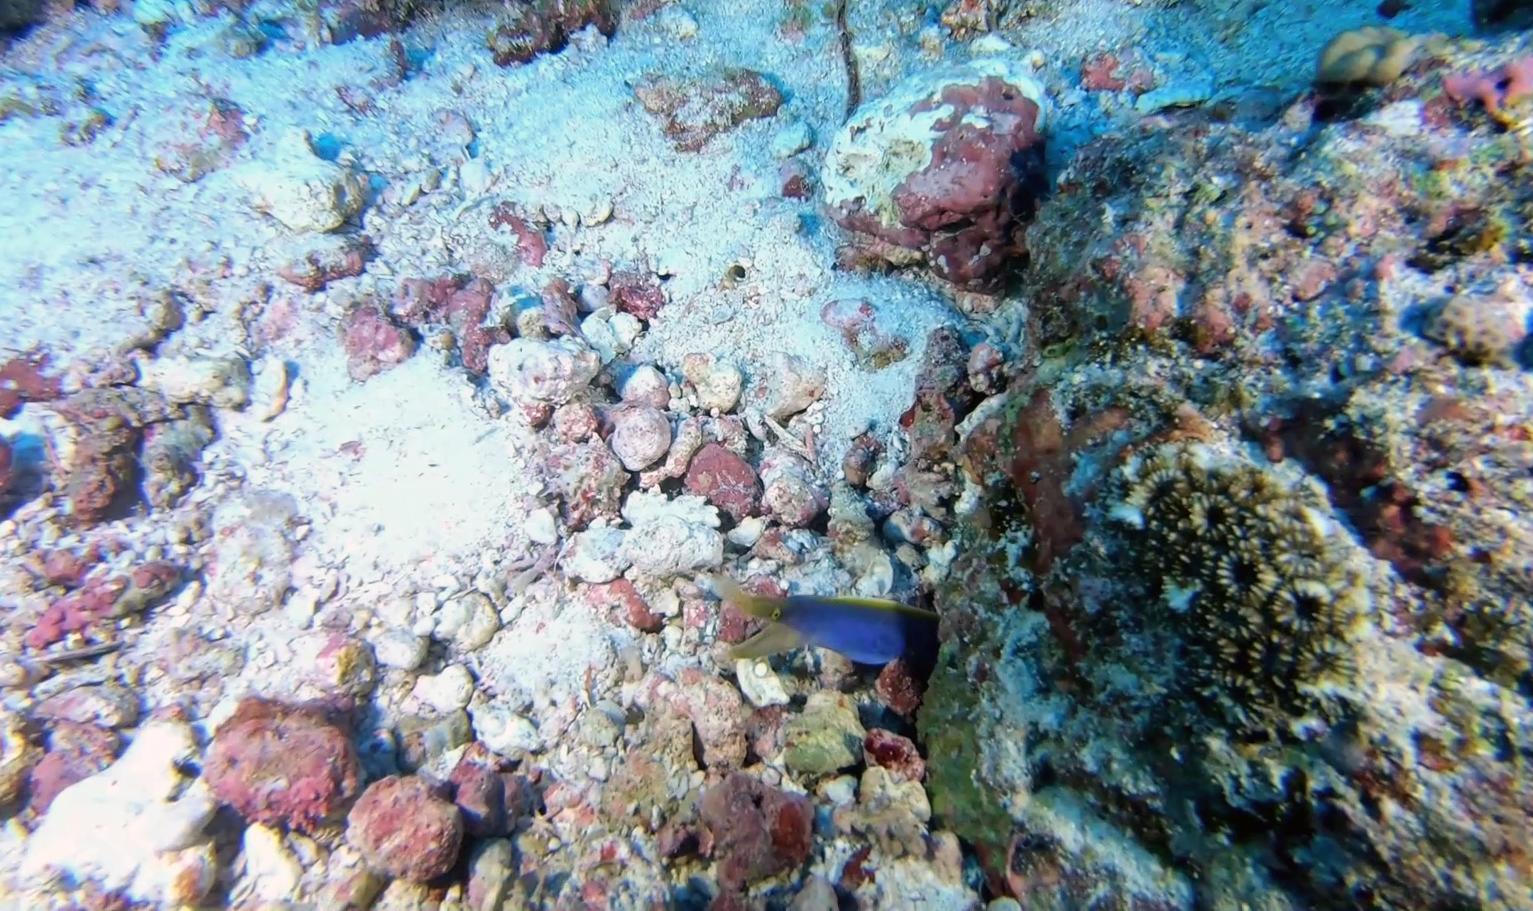 Murena a nastro maschio - Ribbon eel male - Rhinomuraena quaesita - intotheblue.it